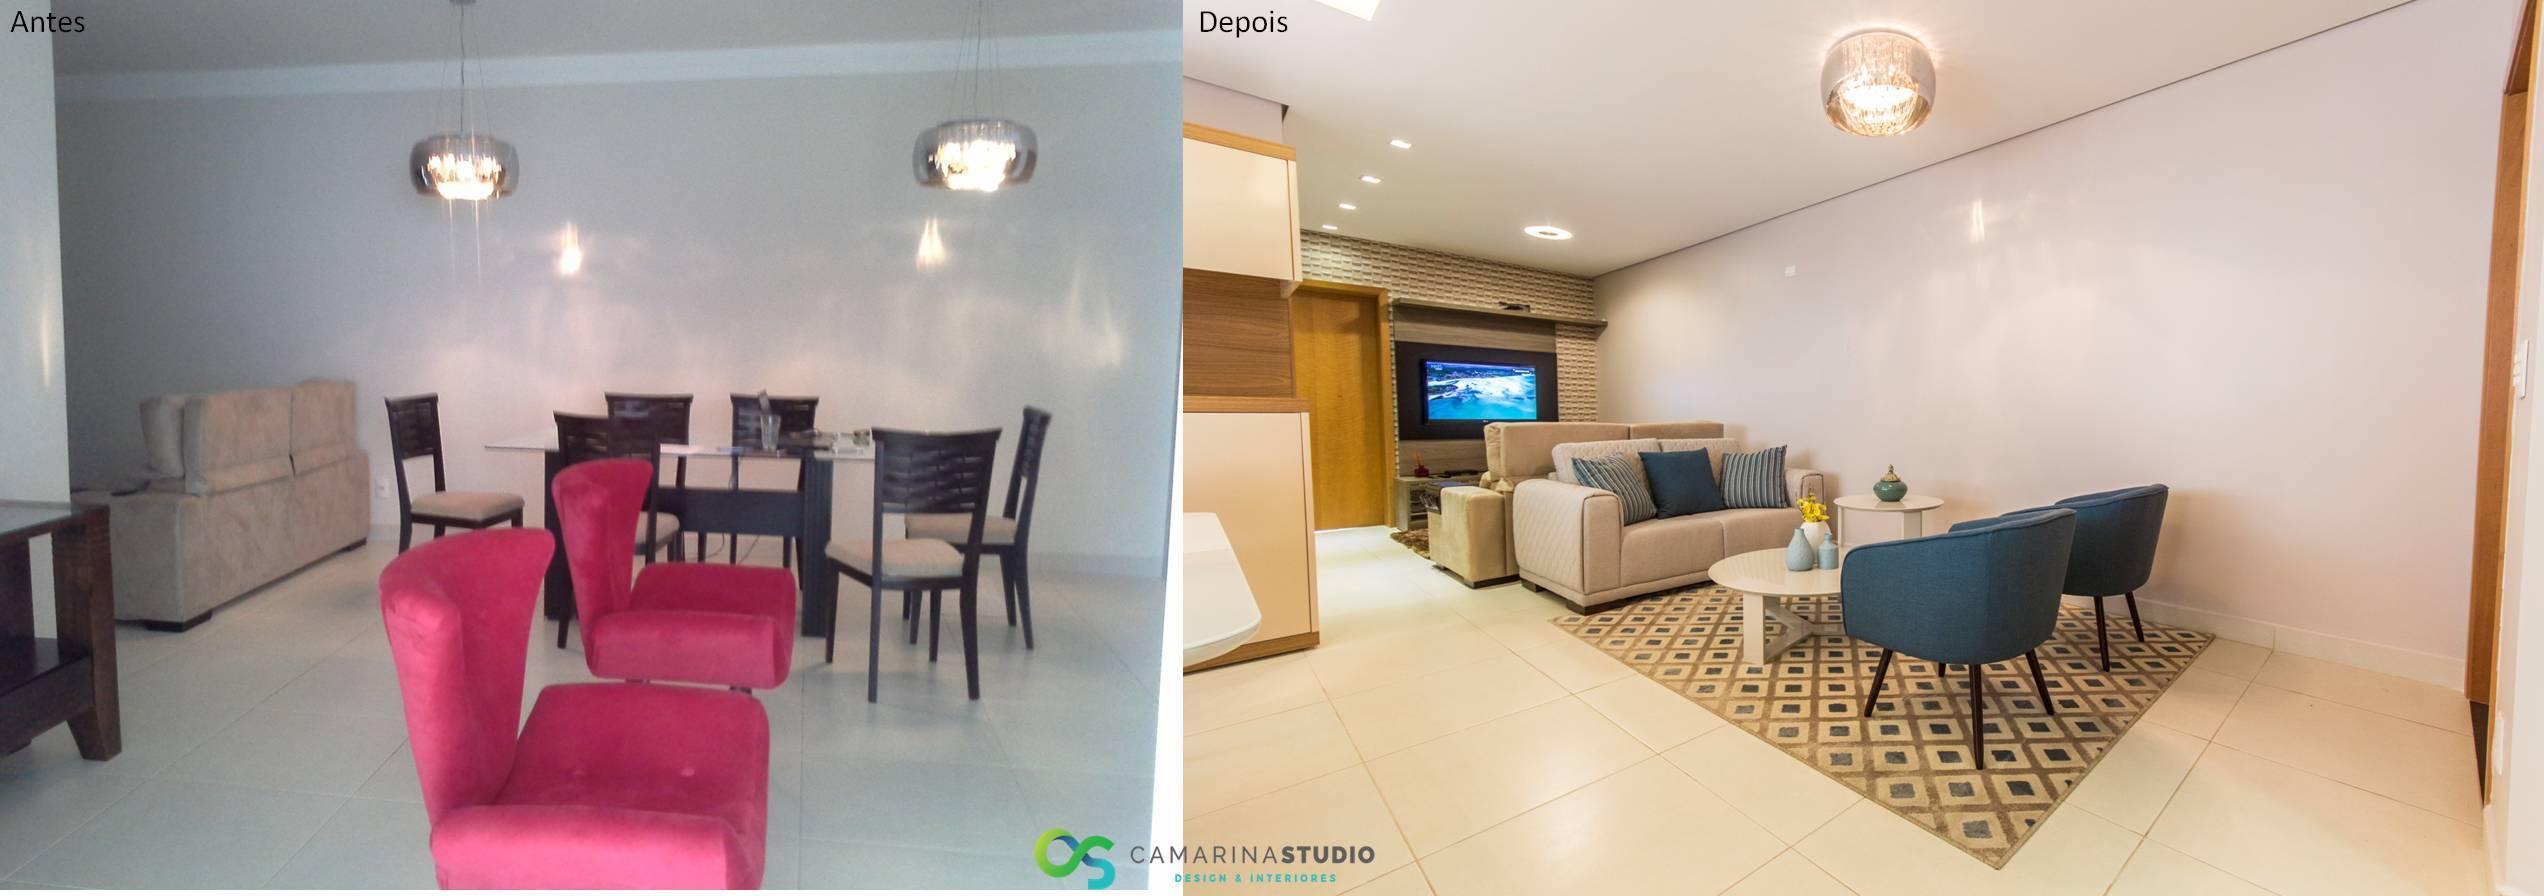 Antes e depois (1)